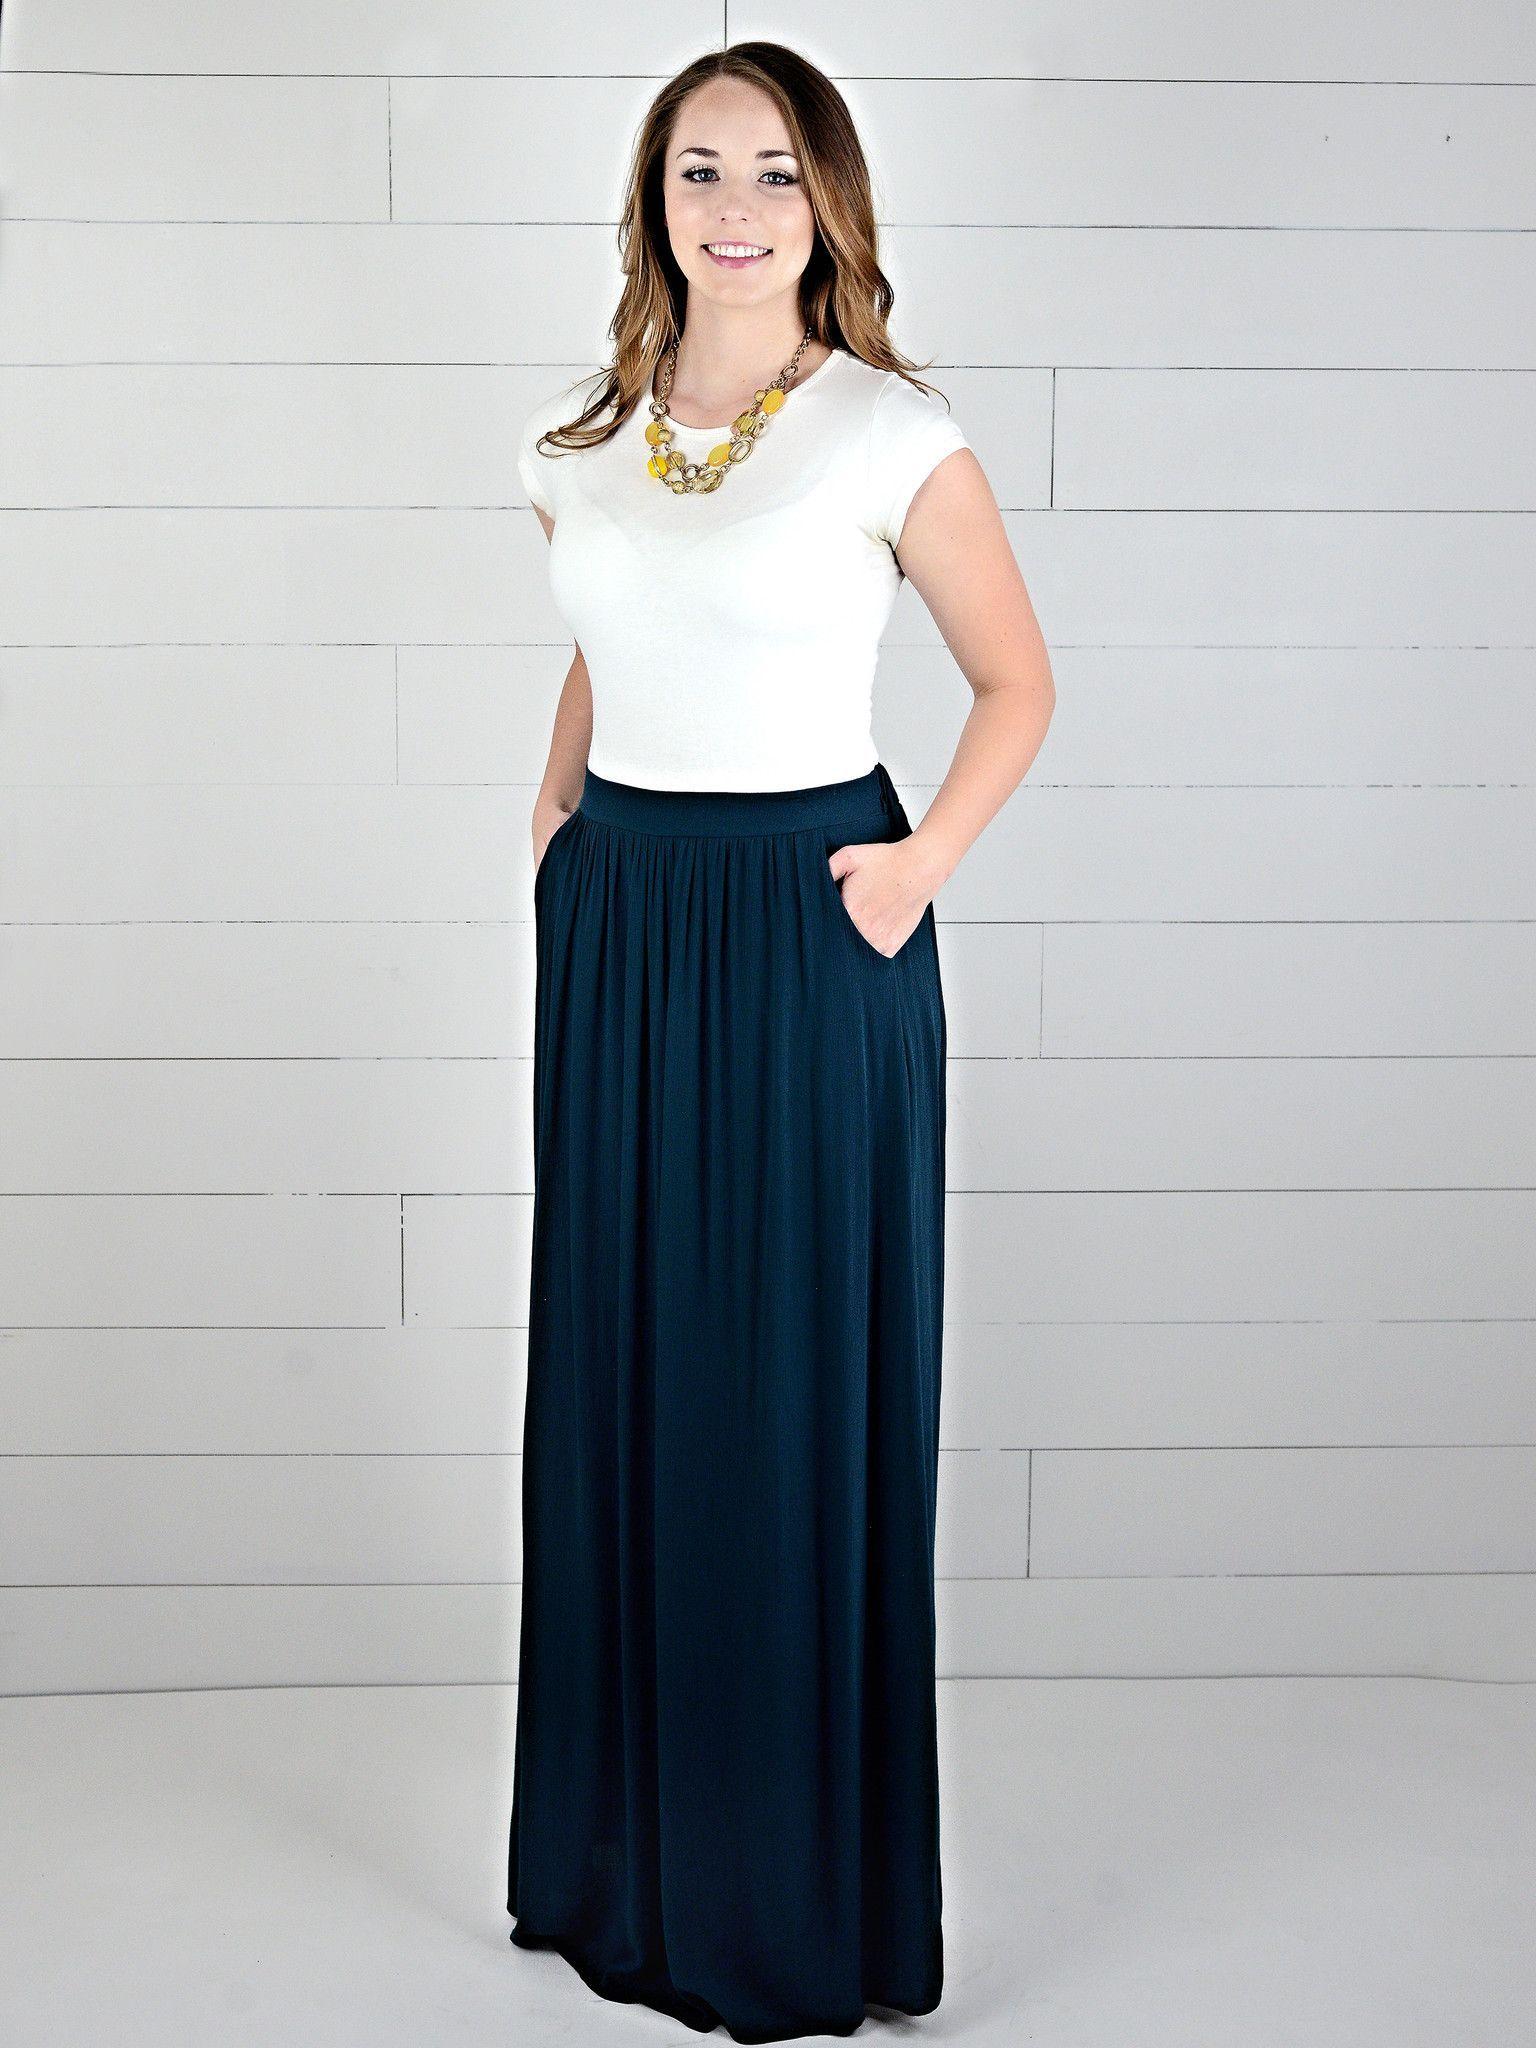 High Waist Pocket Pleat Skirt   Teal, High waist and Skirts